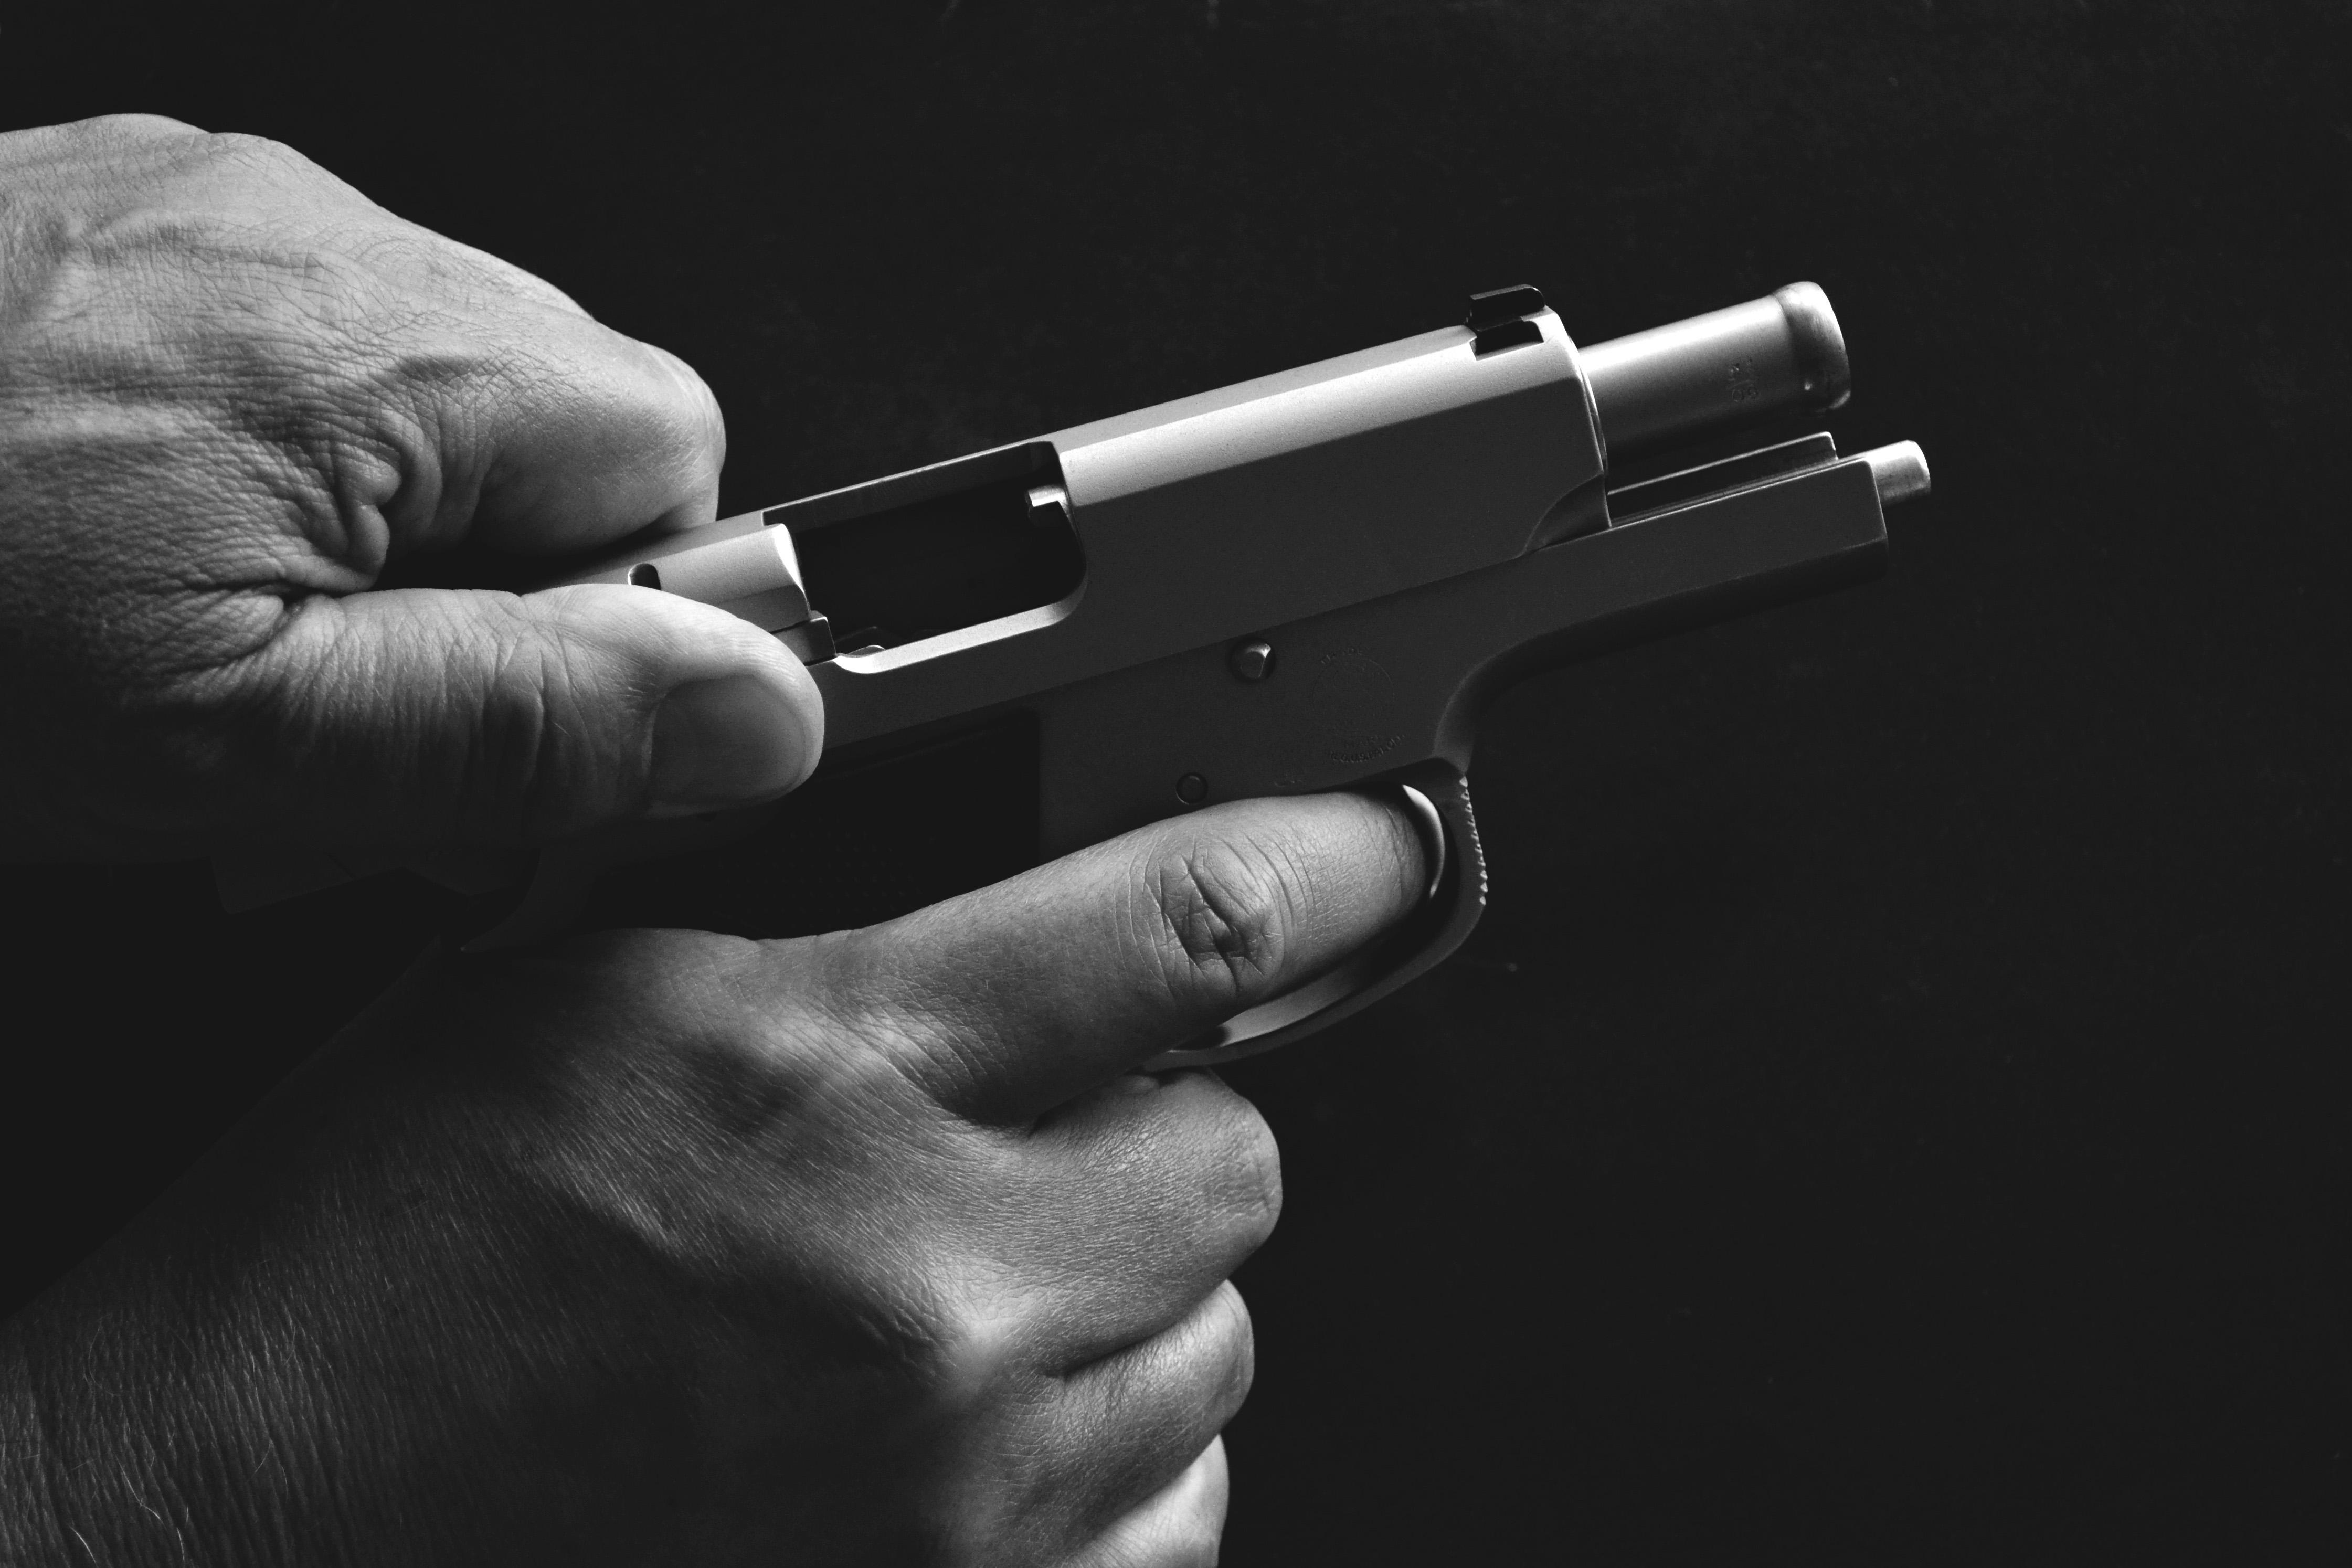 картинки револьвер в руках выбор этого